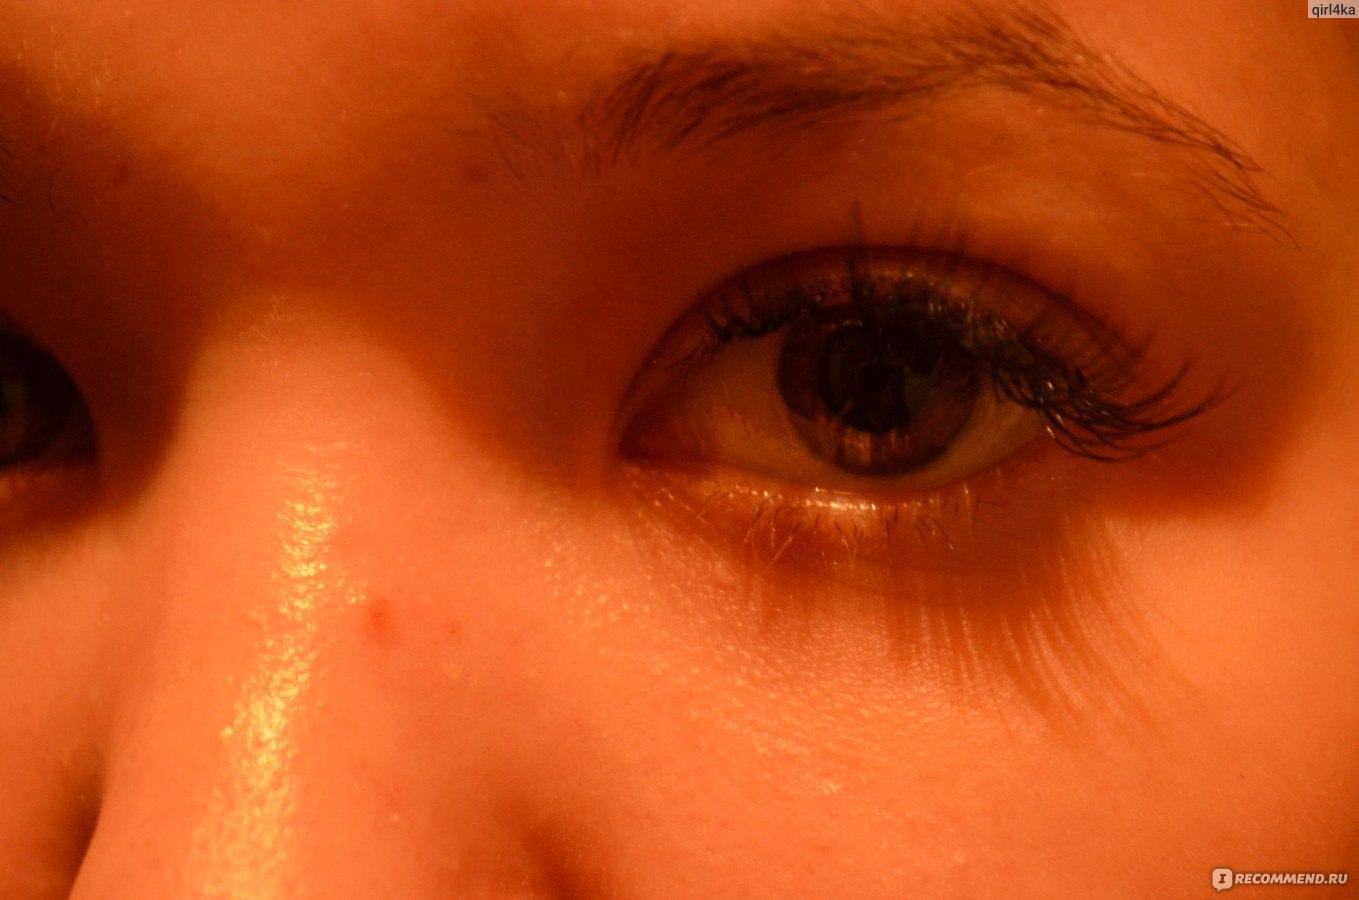 Глаза пекут от нарощенных ресниц